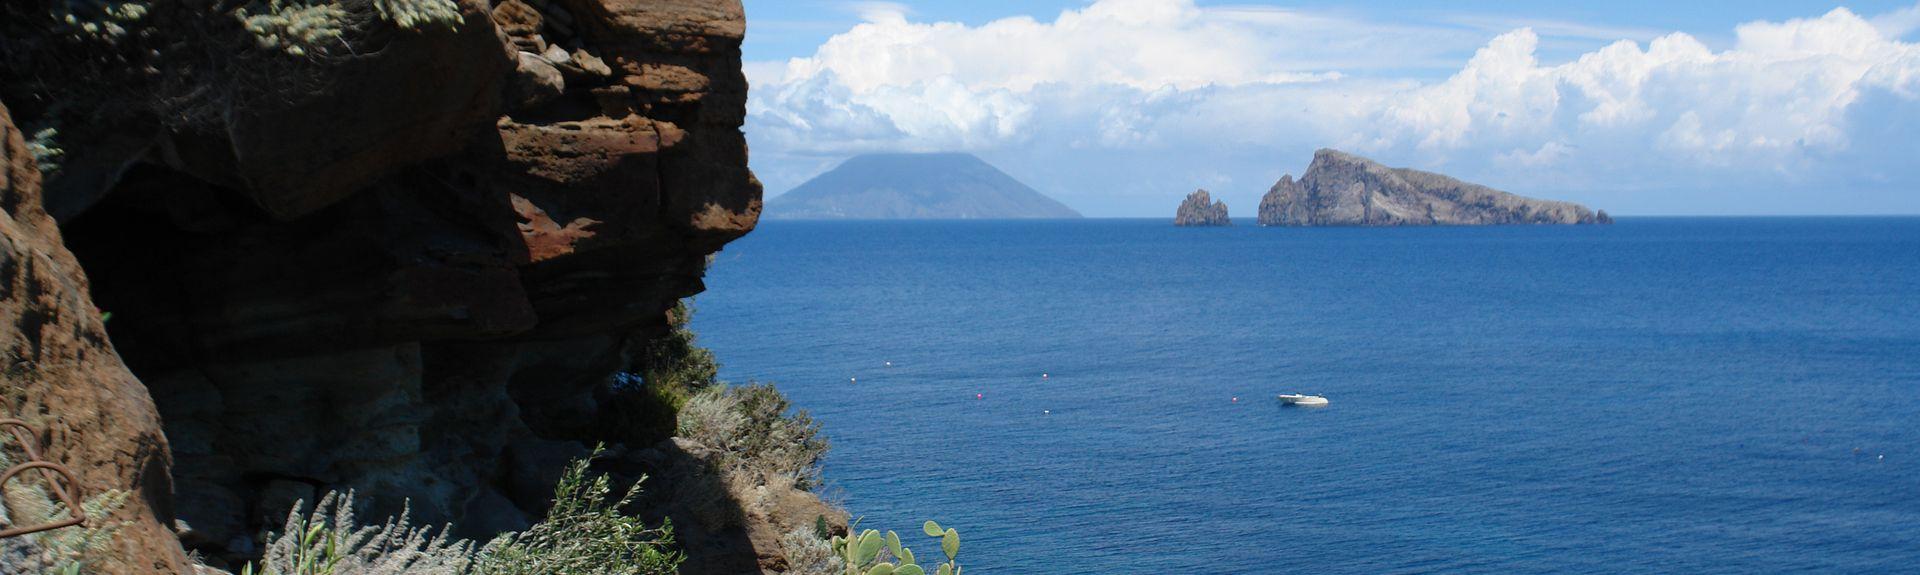 Vulcano Stromboli, Stromboli, Sicilia, Italia